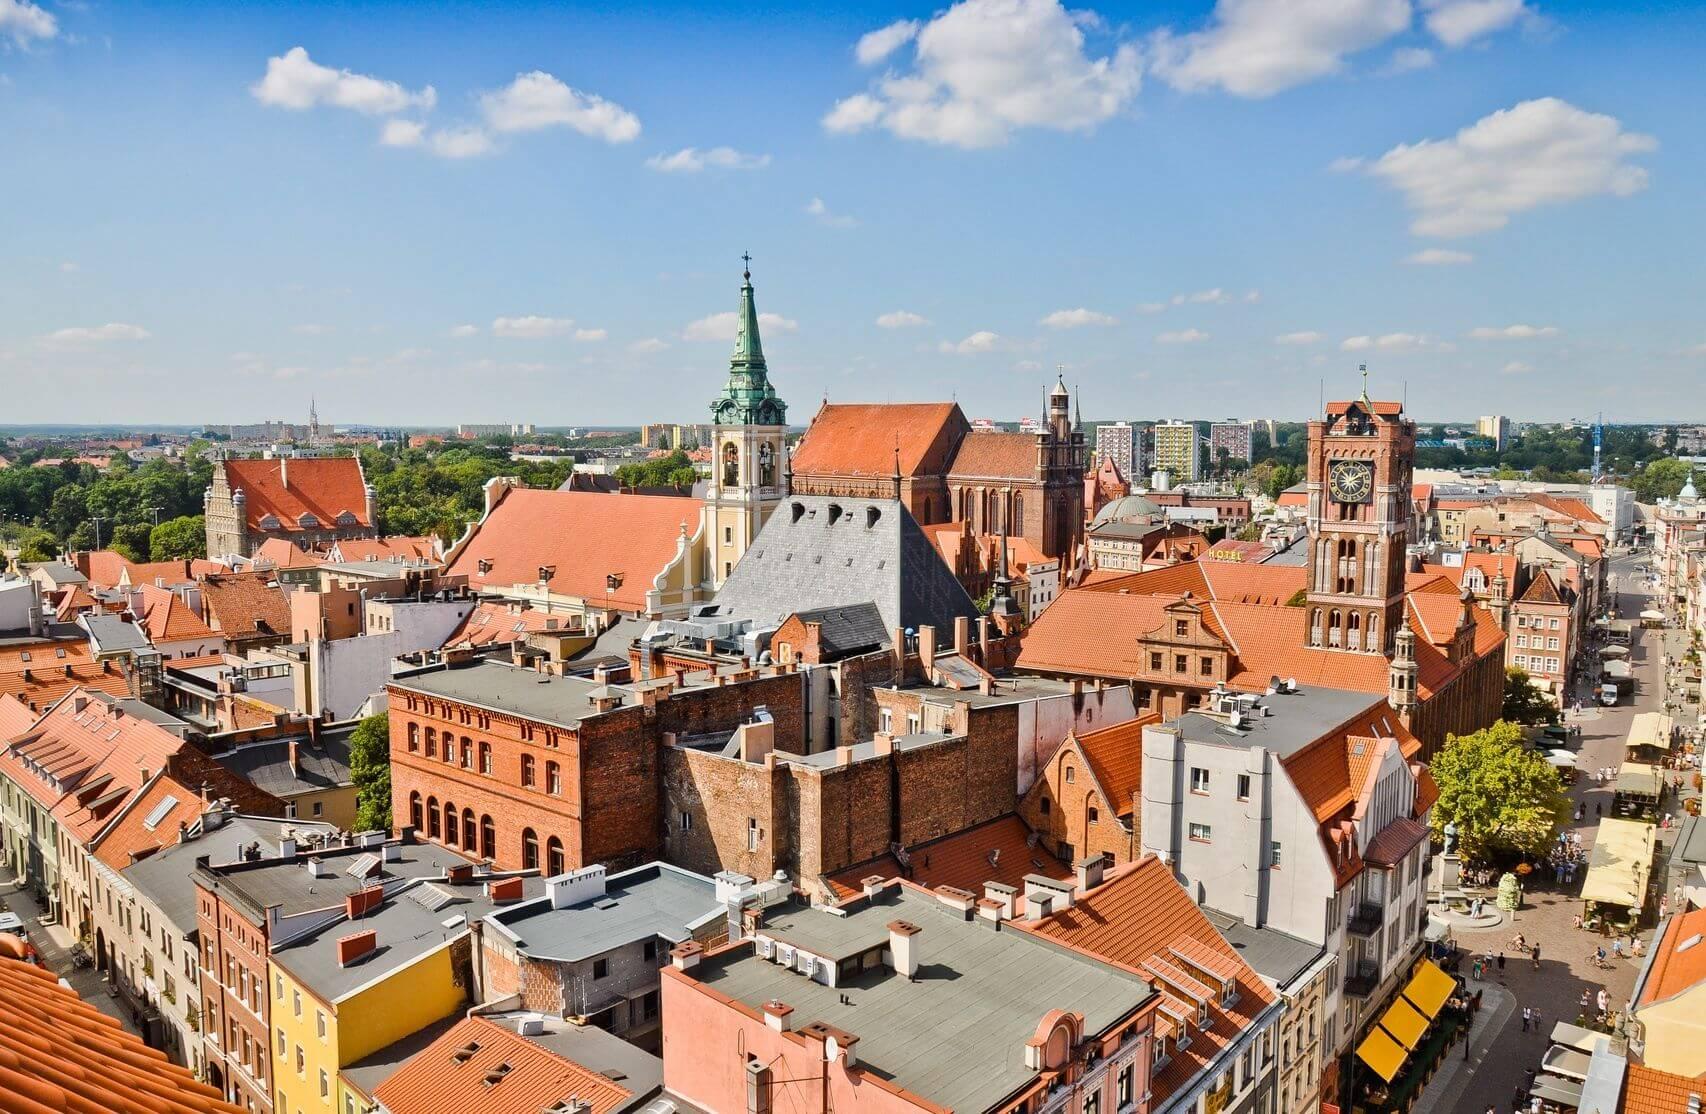 wakacje w Polsce z atrakcjami - Wakacje w Polsce z atrakcjami? To możliwe